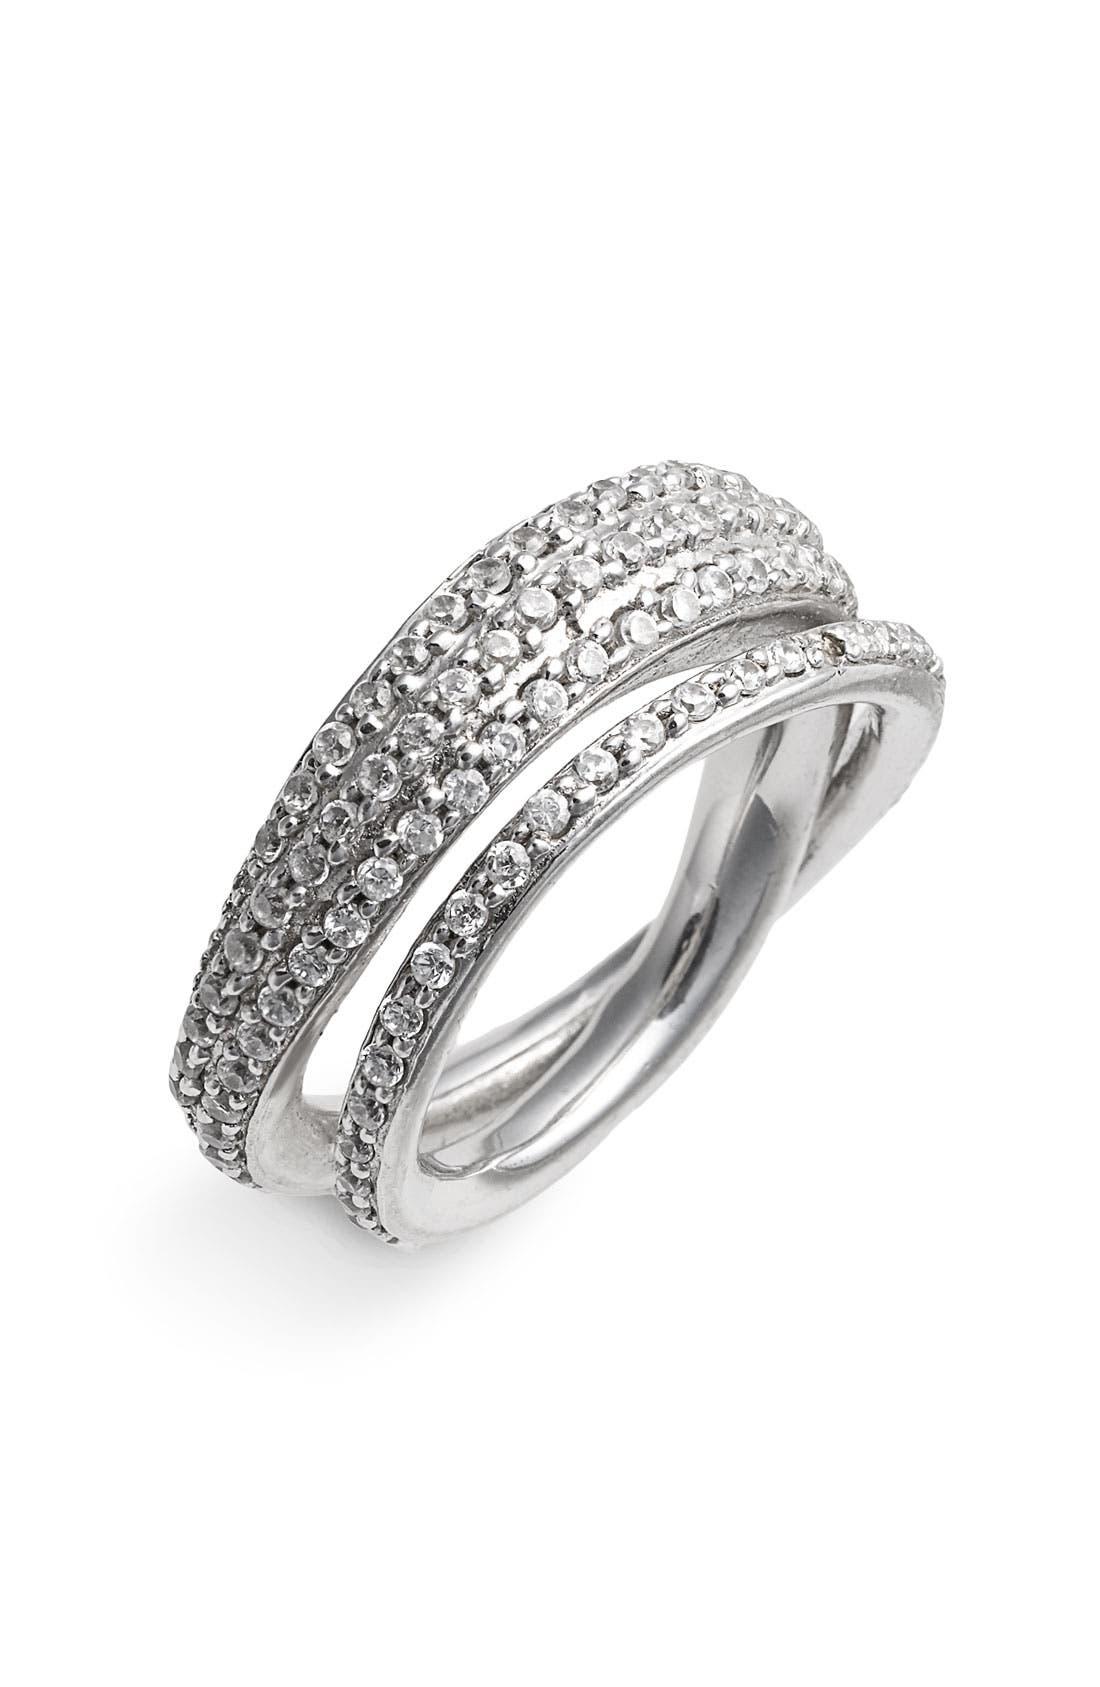 Alternate Image 1 Selected - Tom Binns 'Bejewelled' Double Ring